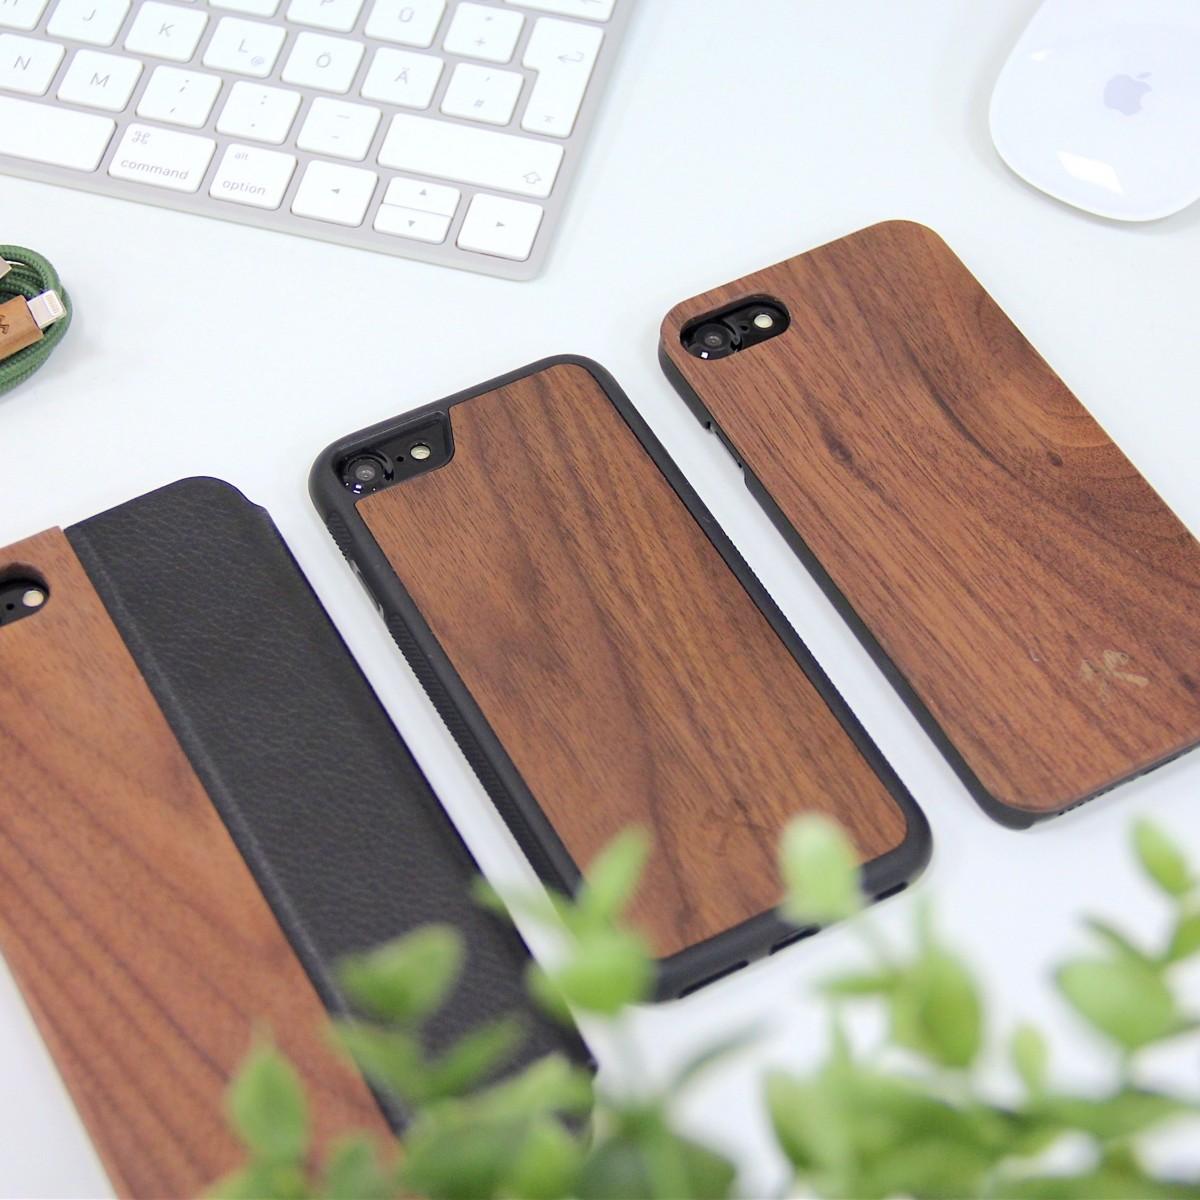 Woodcessories - EcoBump - Premium Design Hülle, Case, Cover, Schutzhülle für das iPhone aus FSC zertifiziertem Walnuss Holz (iPhone Xs Max)